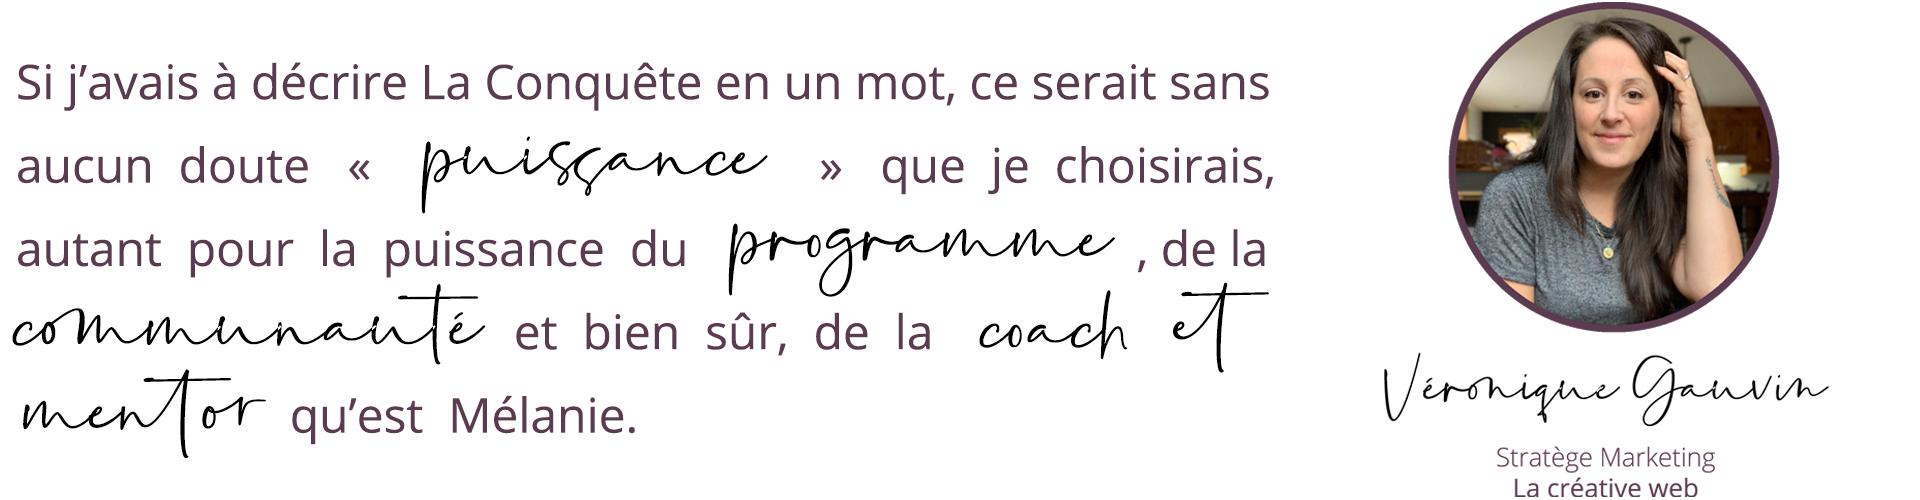 Véronique Gauvin, La créative Web